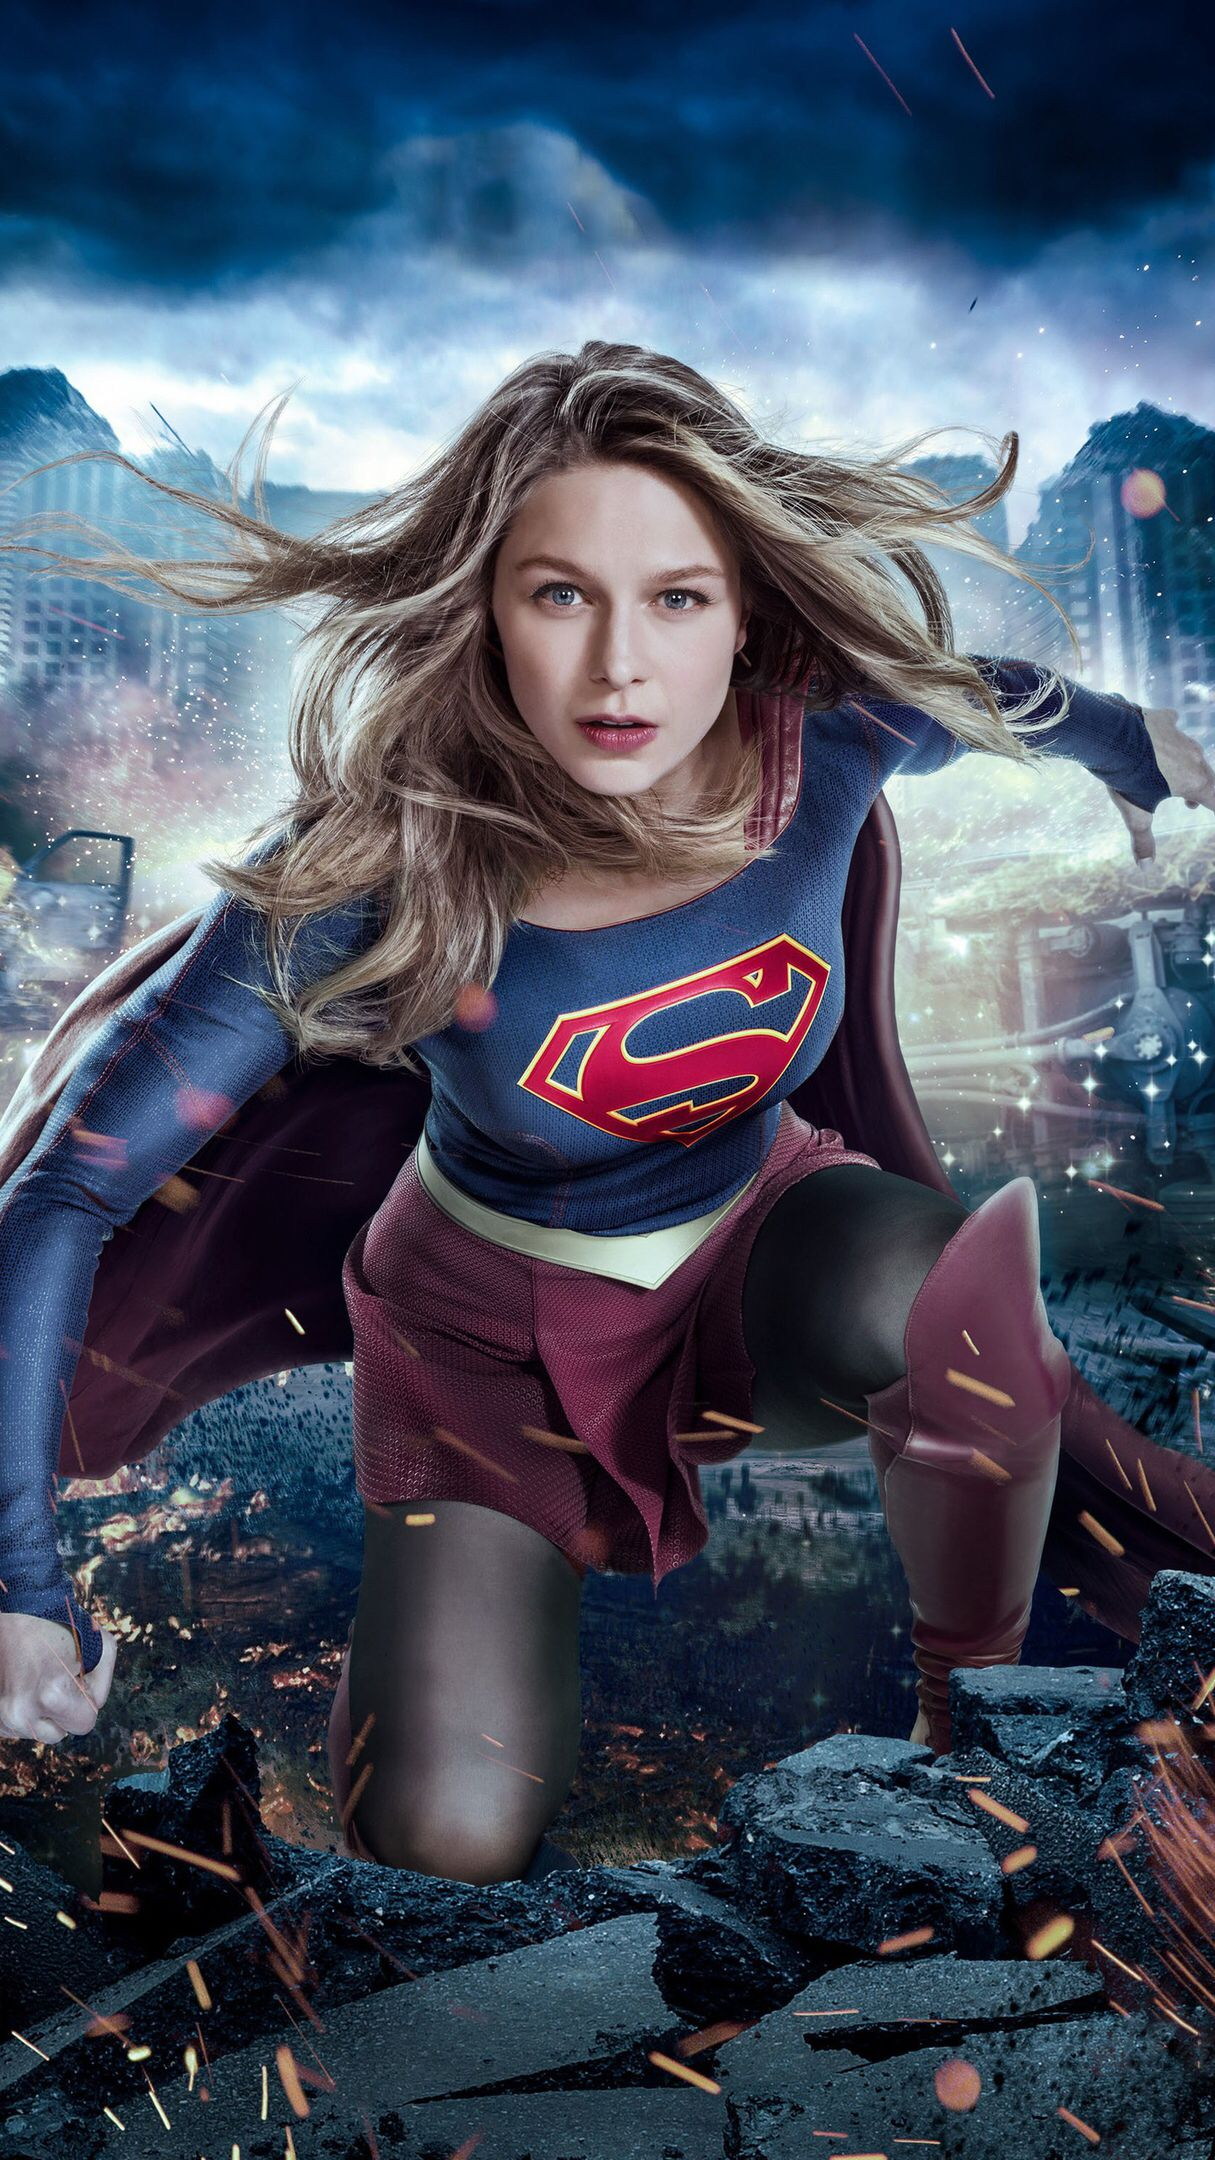 Imagem De Supergirl Por Angelica Lima Gomes Supergarota